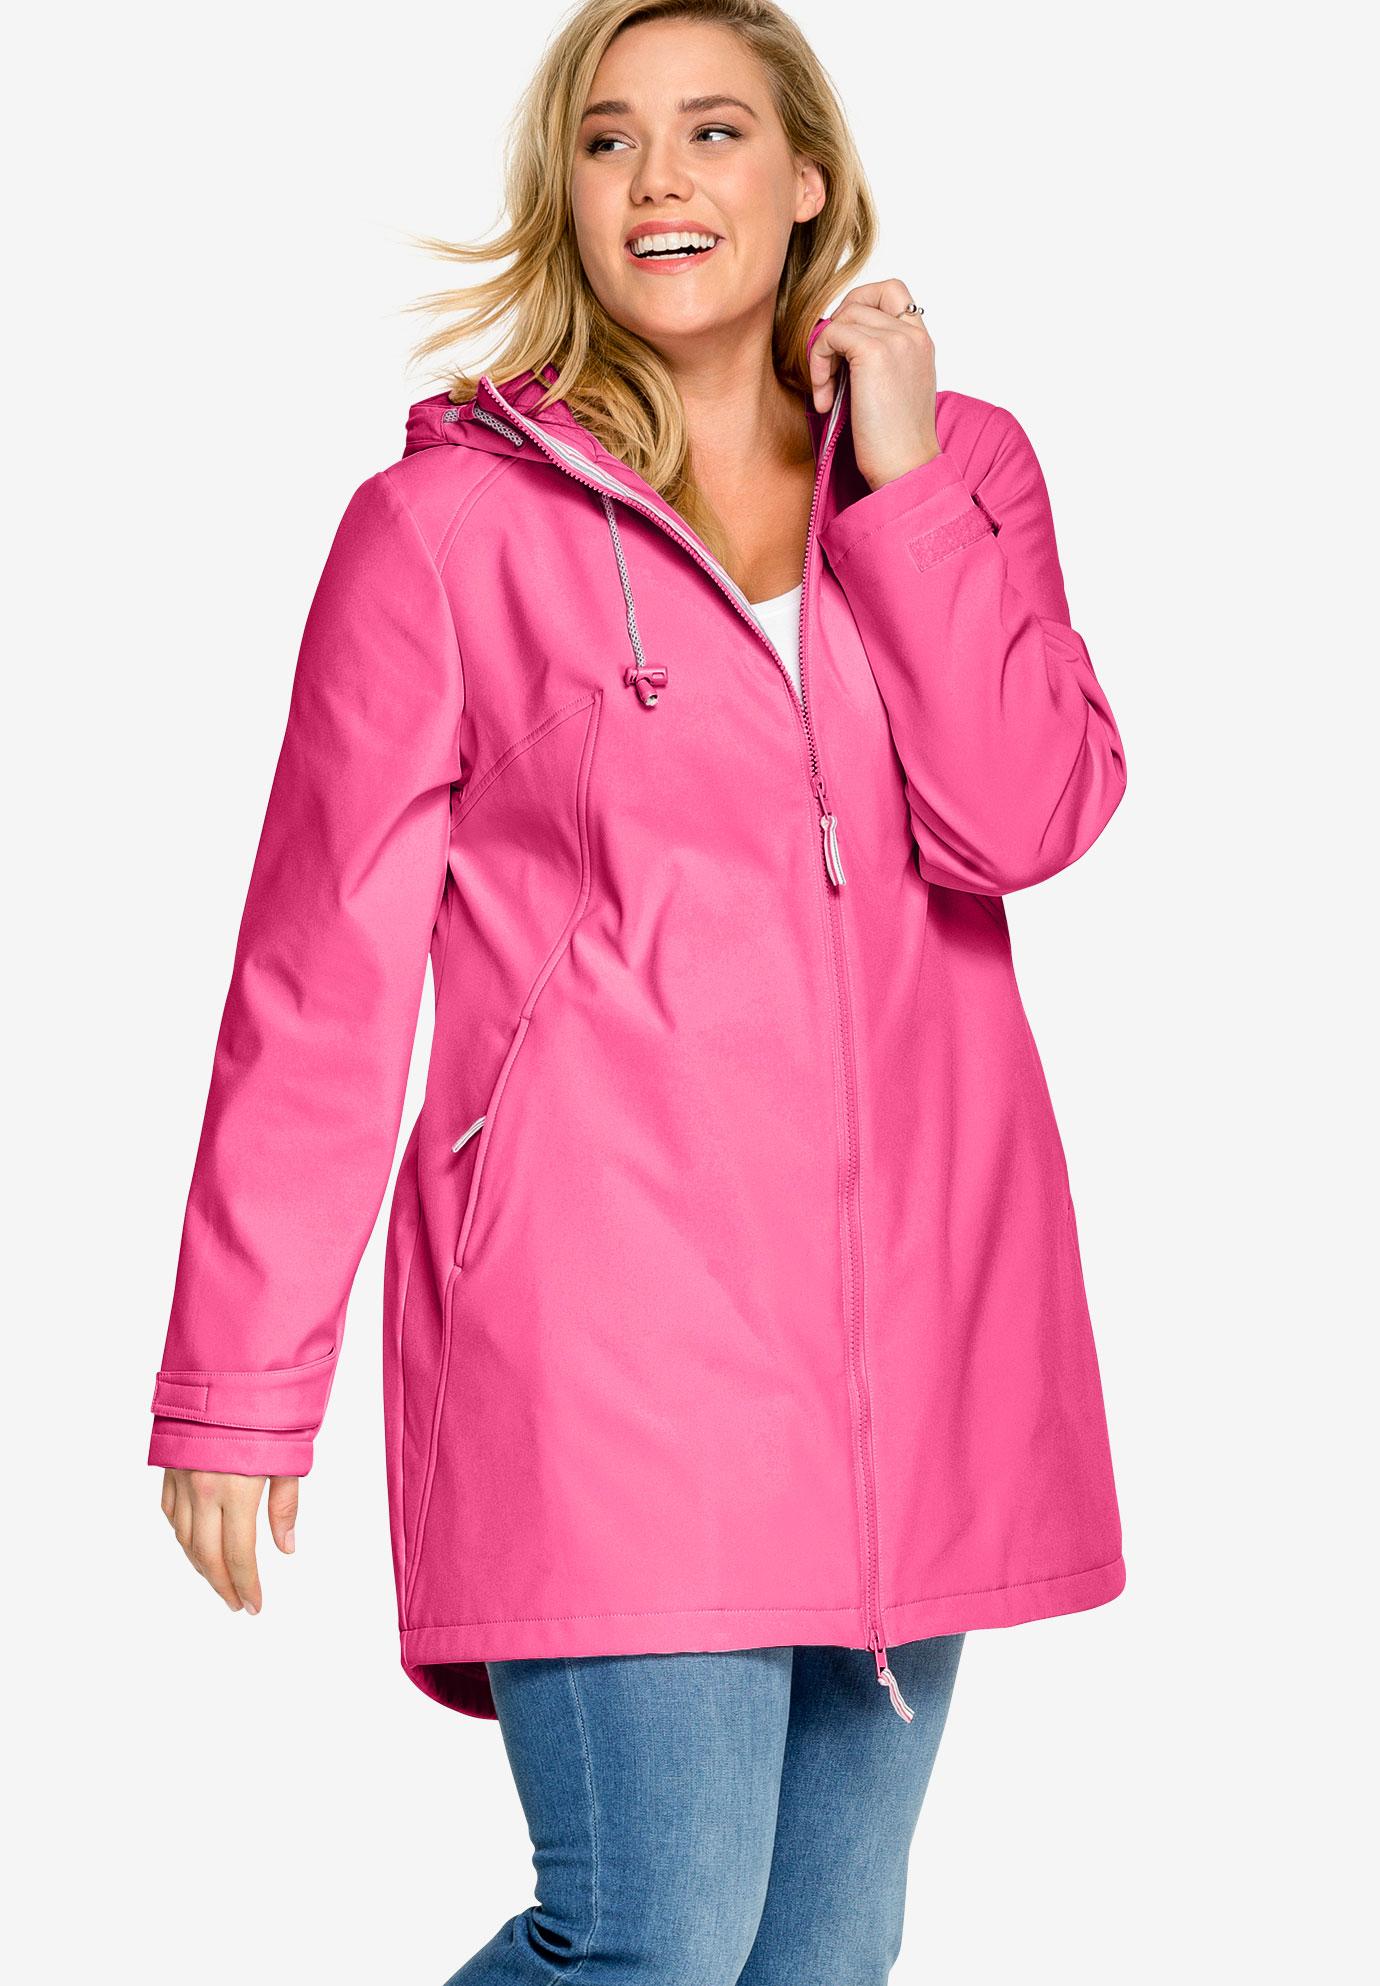 b29d9b39cf2 Zip Front Bonded Fleece Jacket by ellos®